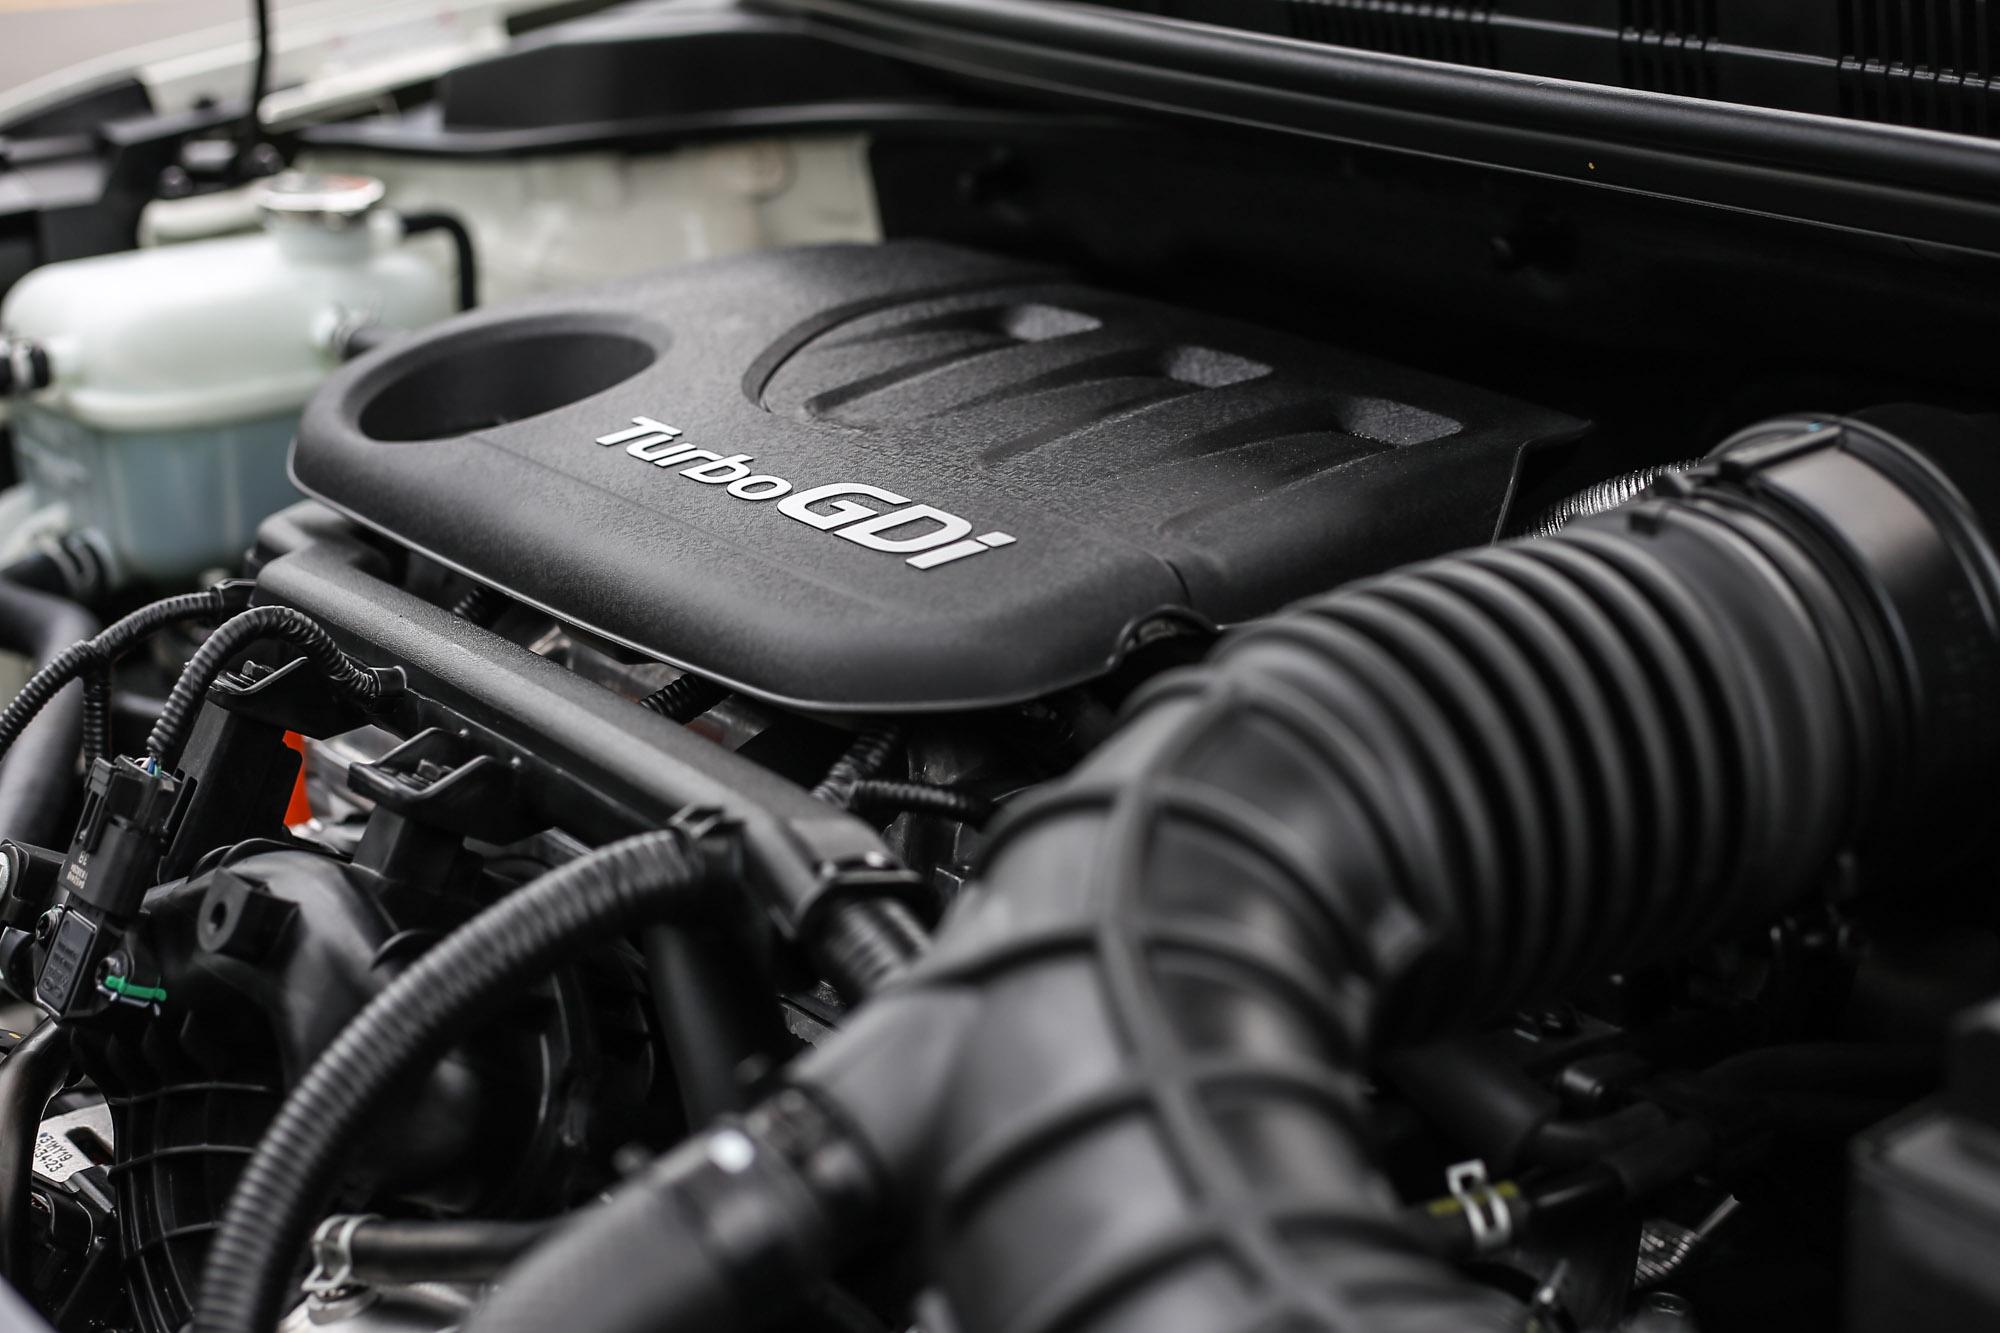 1.0 升缸內直噴渦輪增壓三缸引擎,動力充沛但震動明顯了點。